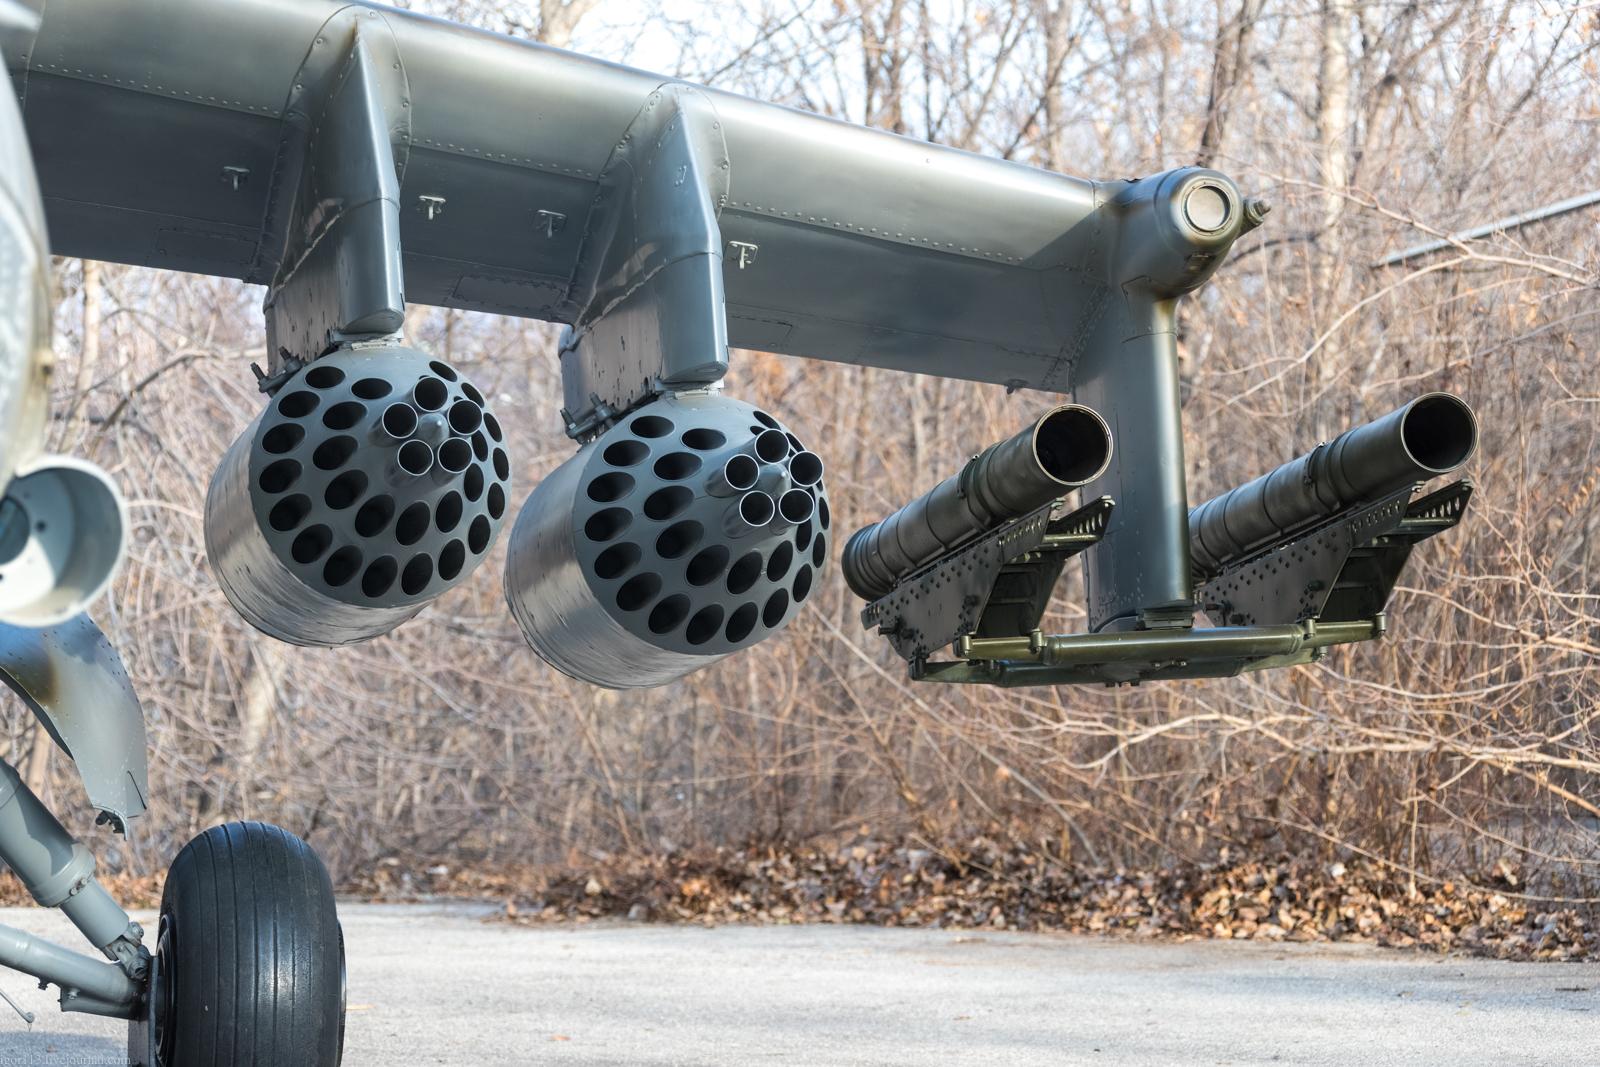 Парк Победы в Саратове: многоцелевой ударный вертолет Ми-24В.